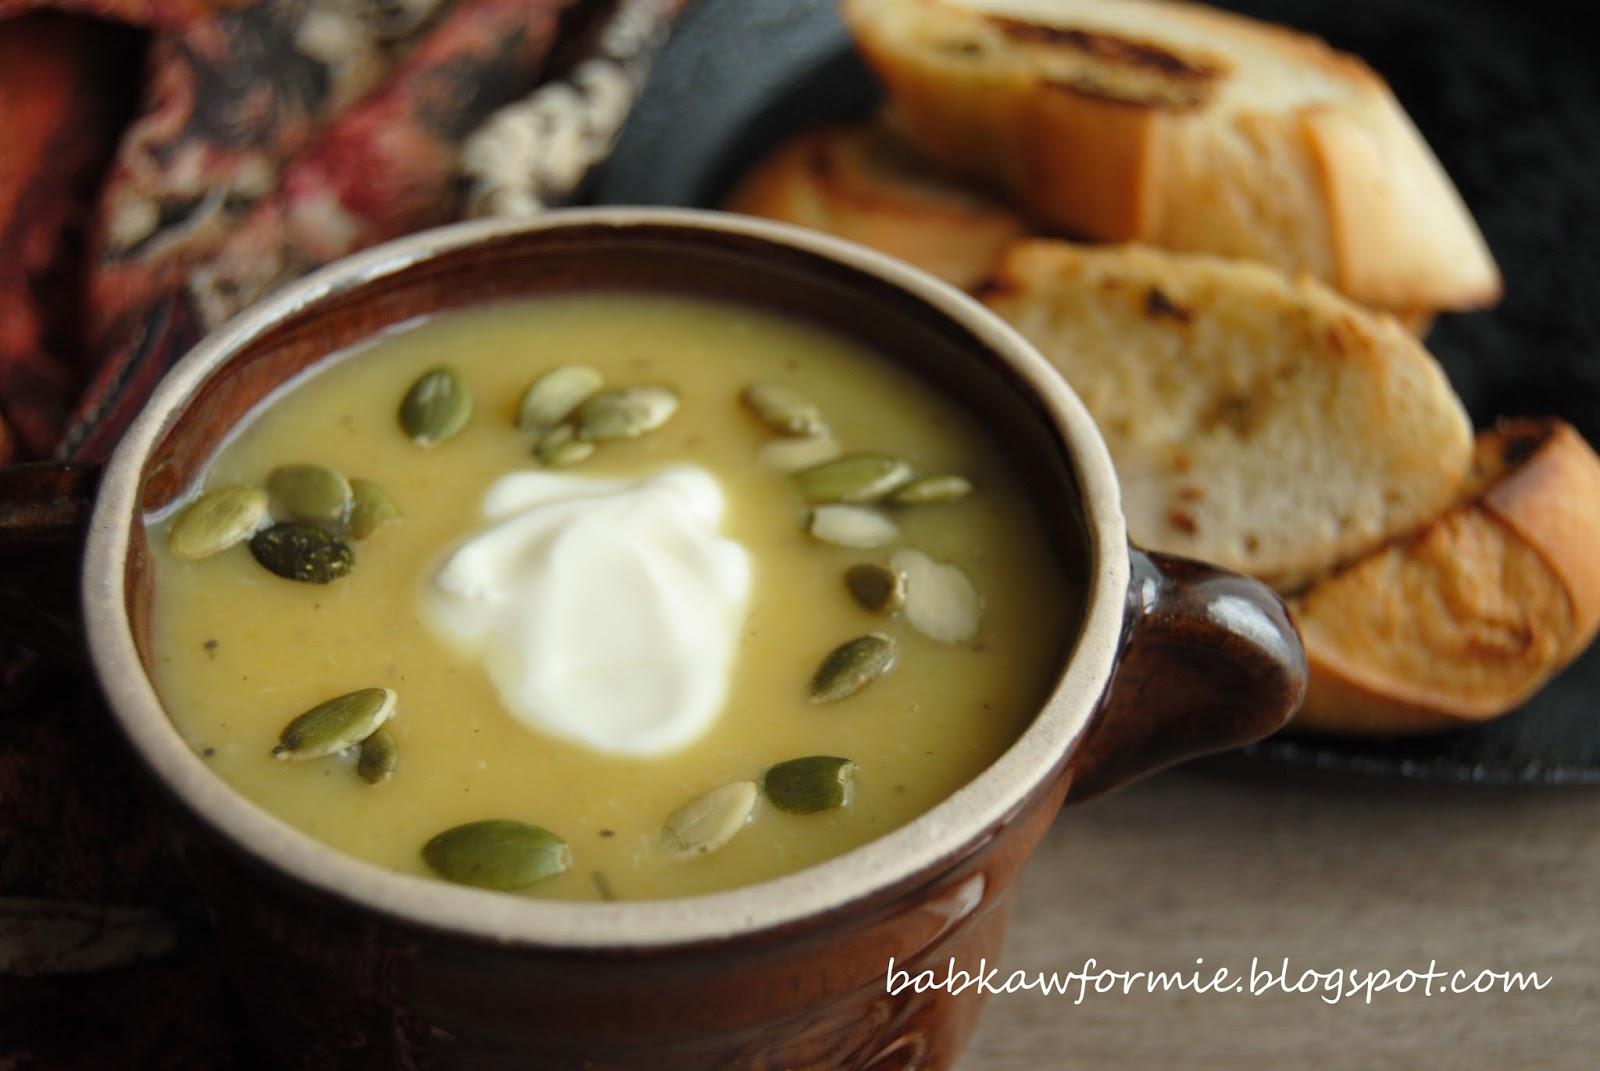 zupa krem z dynią i jabłkiem babkawformie.blogspot.com